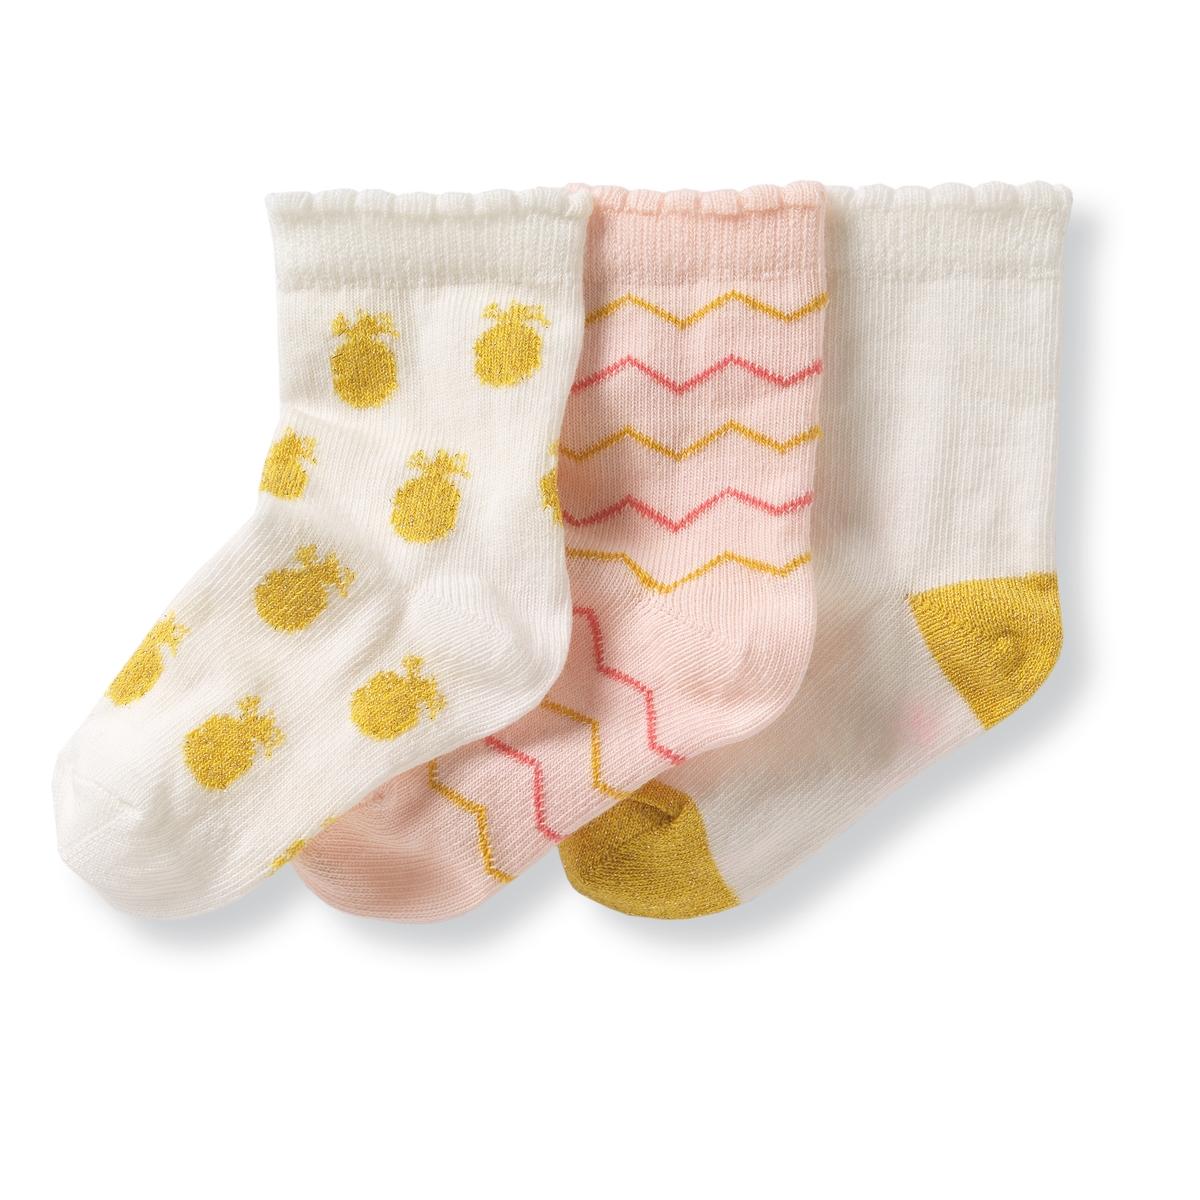 Комплект из 3 пар носков, 1 мес. - 3 года3 пары носков : 1 пара однотонных носков, 1 пара носков в полоску и 1 пара носков с рисунком Состав и описание :Материал          носки с рисунком  : 78% хлопка, 21% полиамида, 1% эластана                      однотонные носки : 75% хлопка, 21% полиамида, 3% других волокон,                      1% эластана Марка          R miniУход :Машинная стирка при 30 °C Стирать, предварительно вывернув на изнанкуМашинная сушка запрещенаНе гладить<br><br>Цвет: экрю + розовый<br>Размер: 23/26